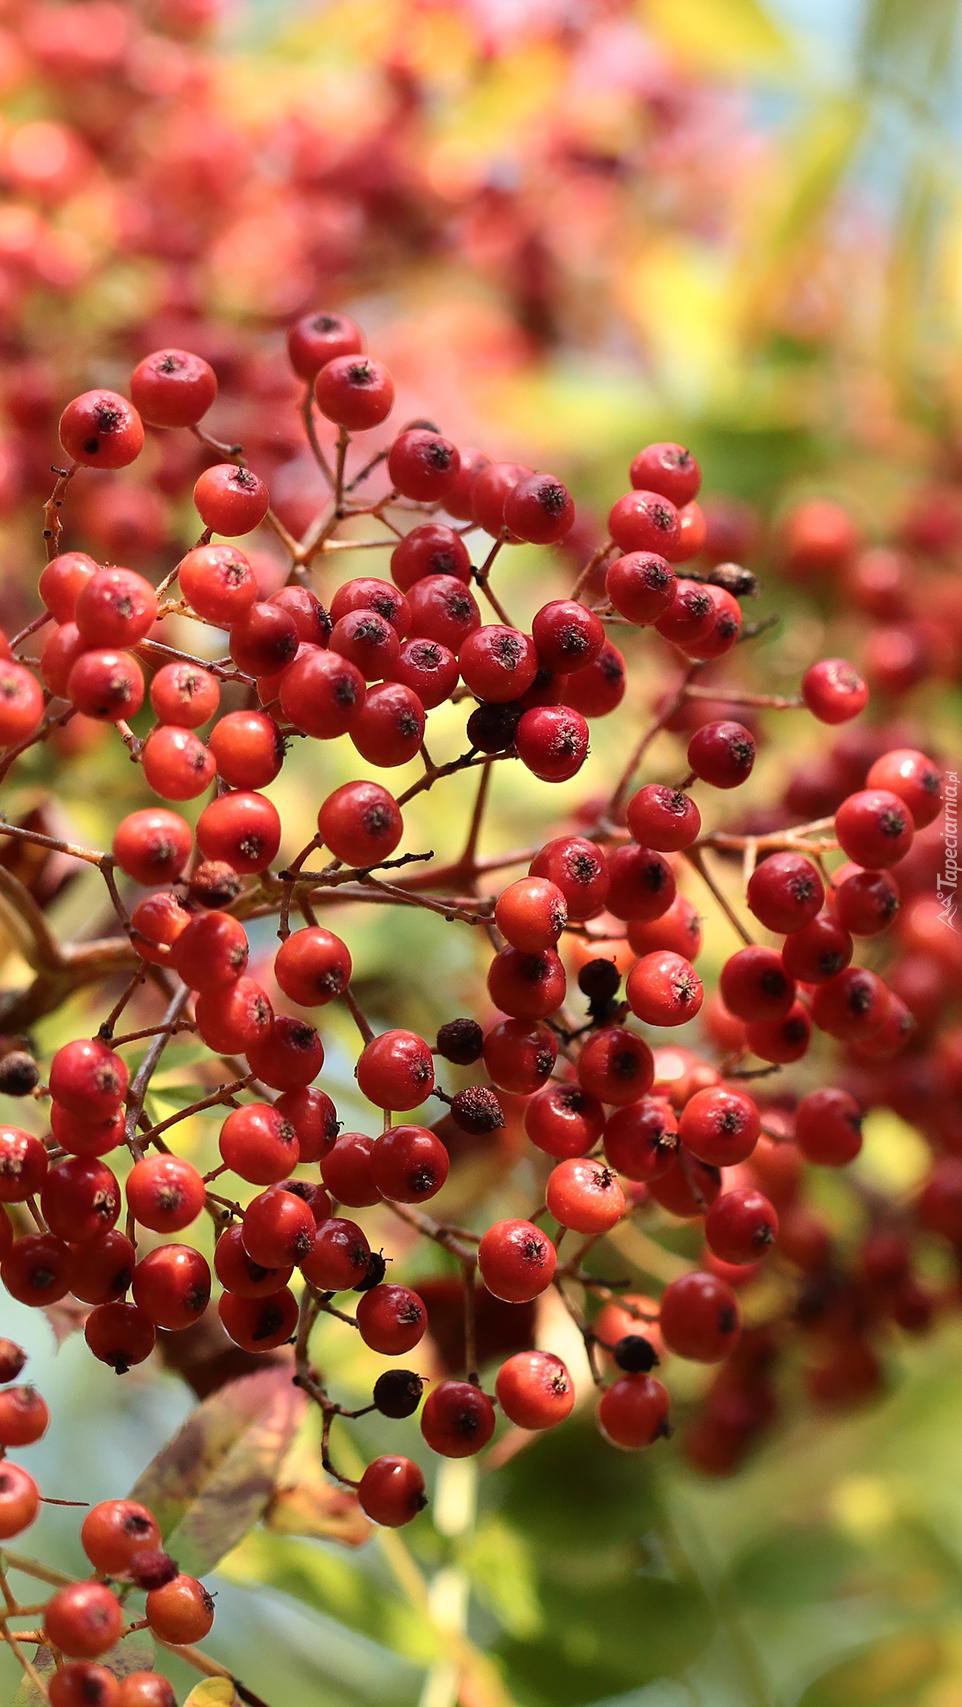 Gałązka z owocami czerwonej jarzębiny